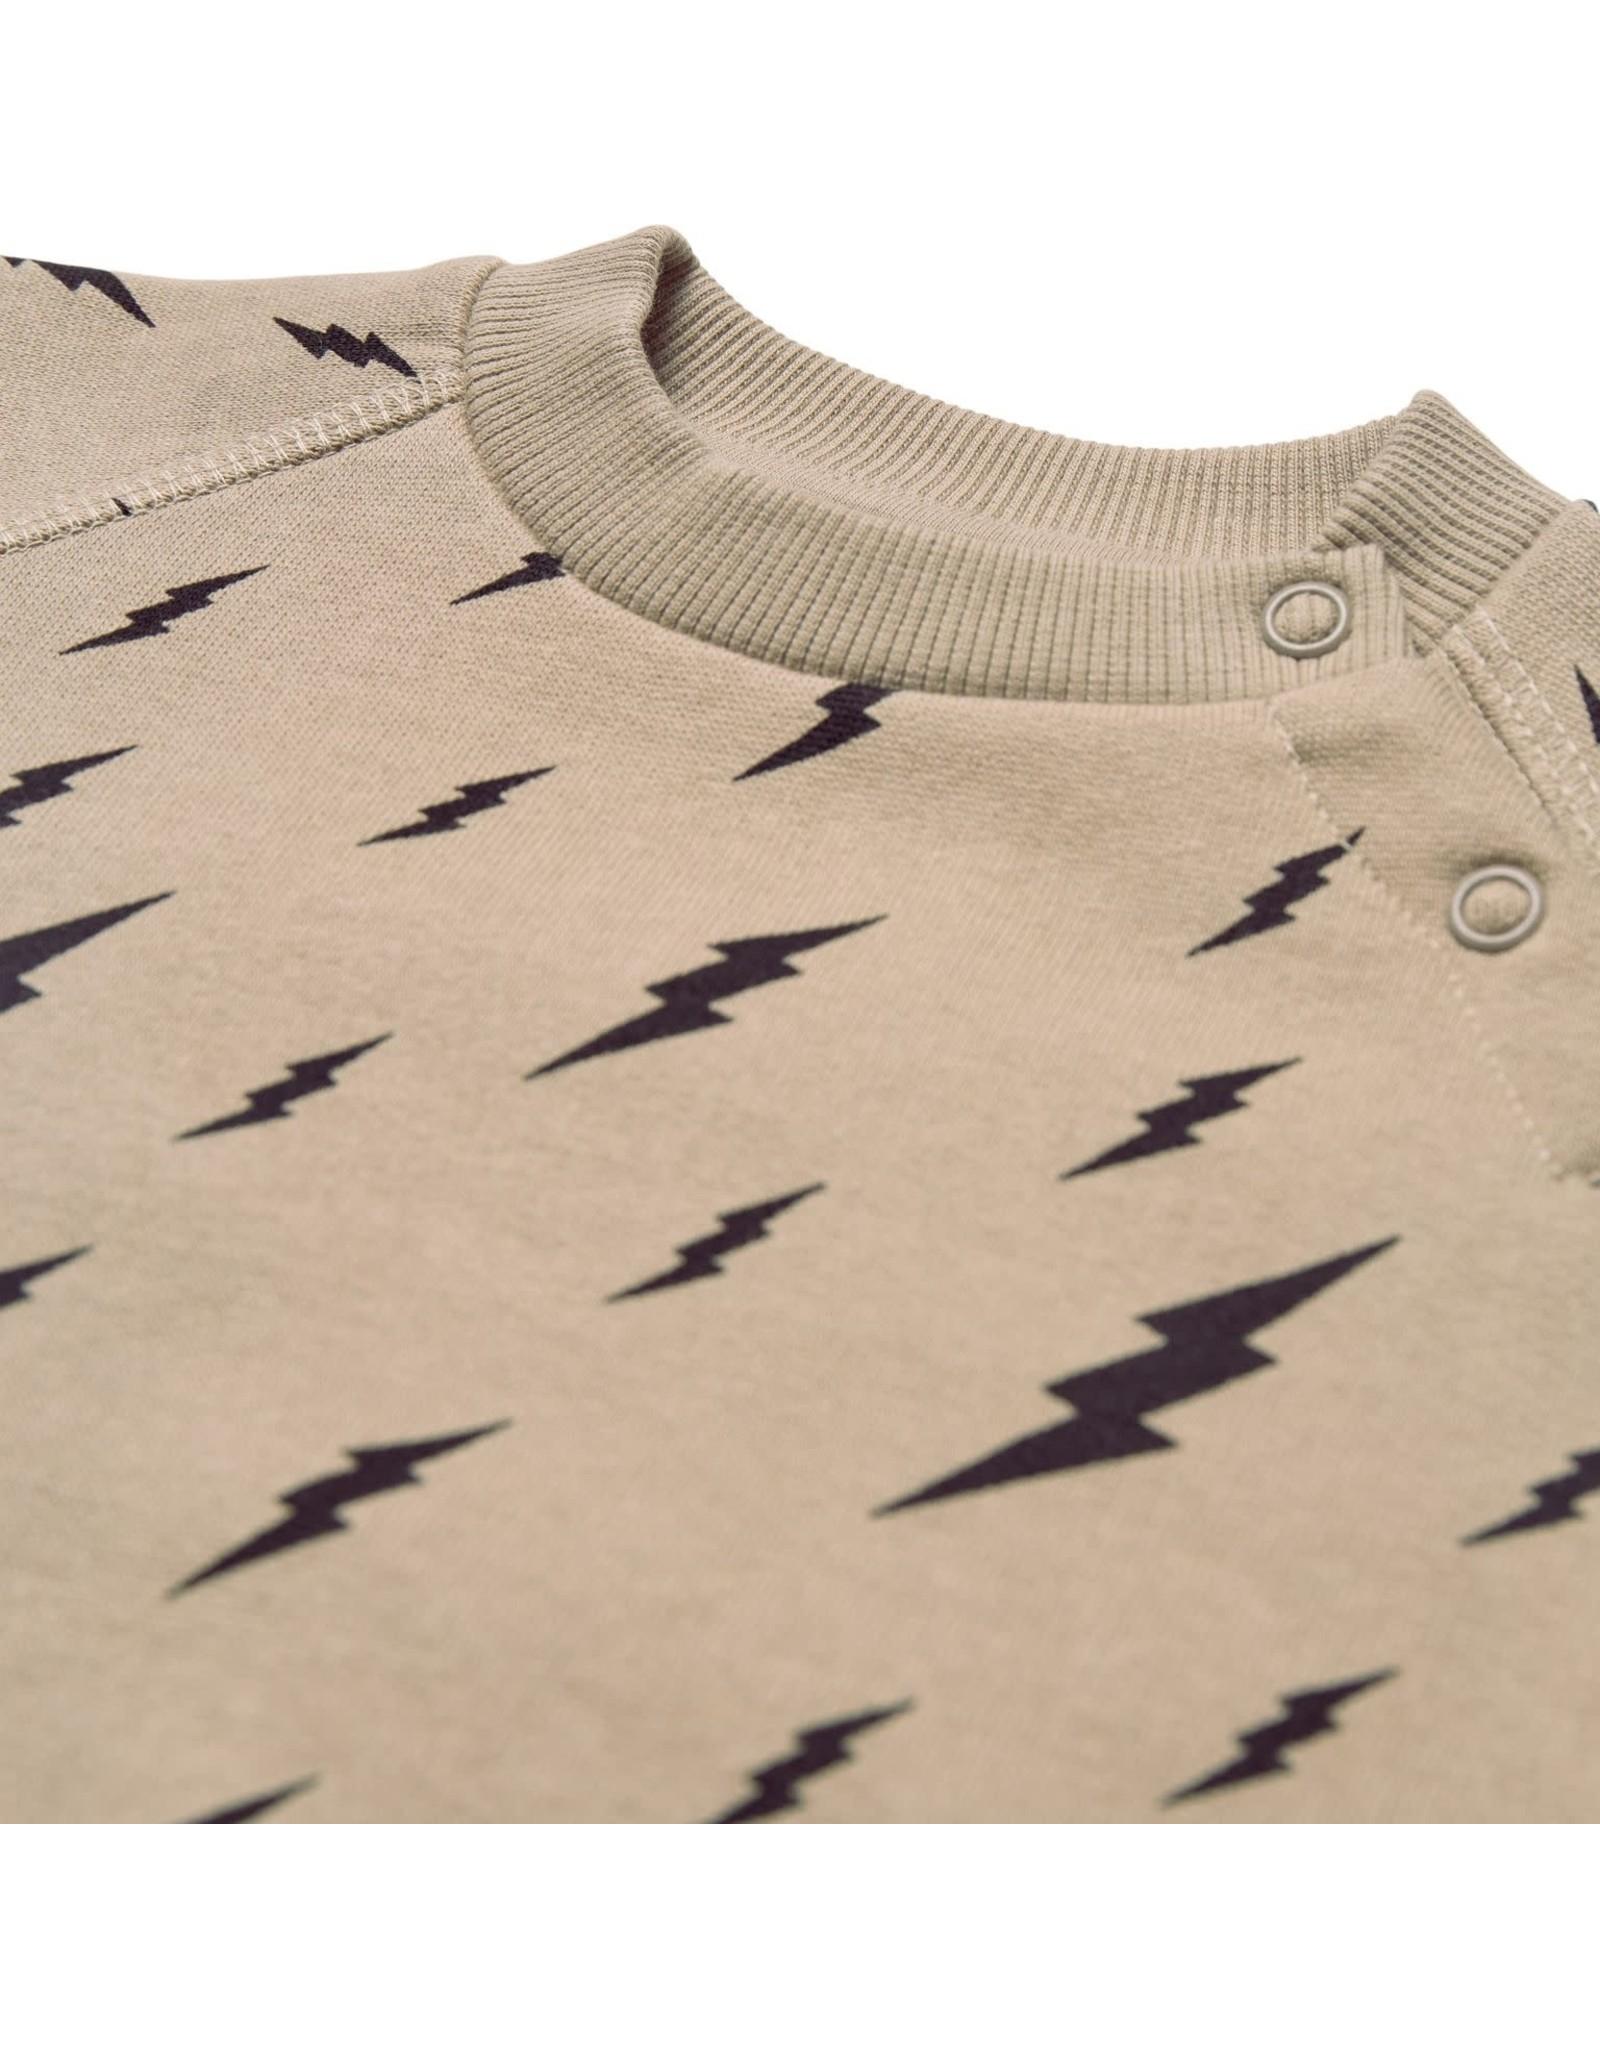 Petit by Sofie Schnoor sweater olijfgroen, zwarte bliksem